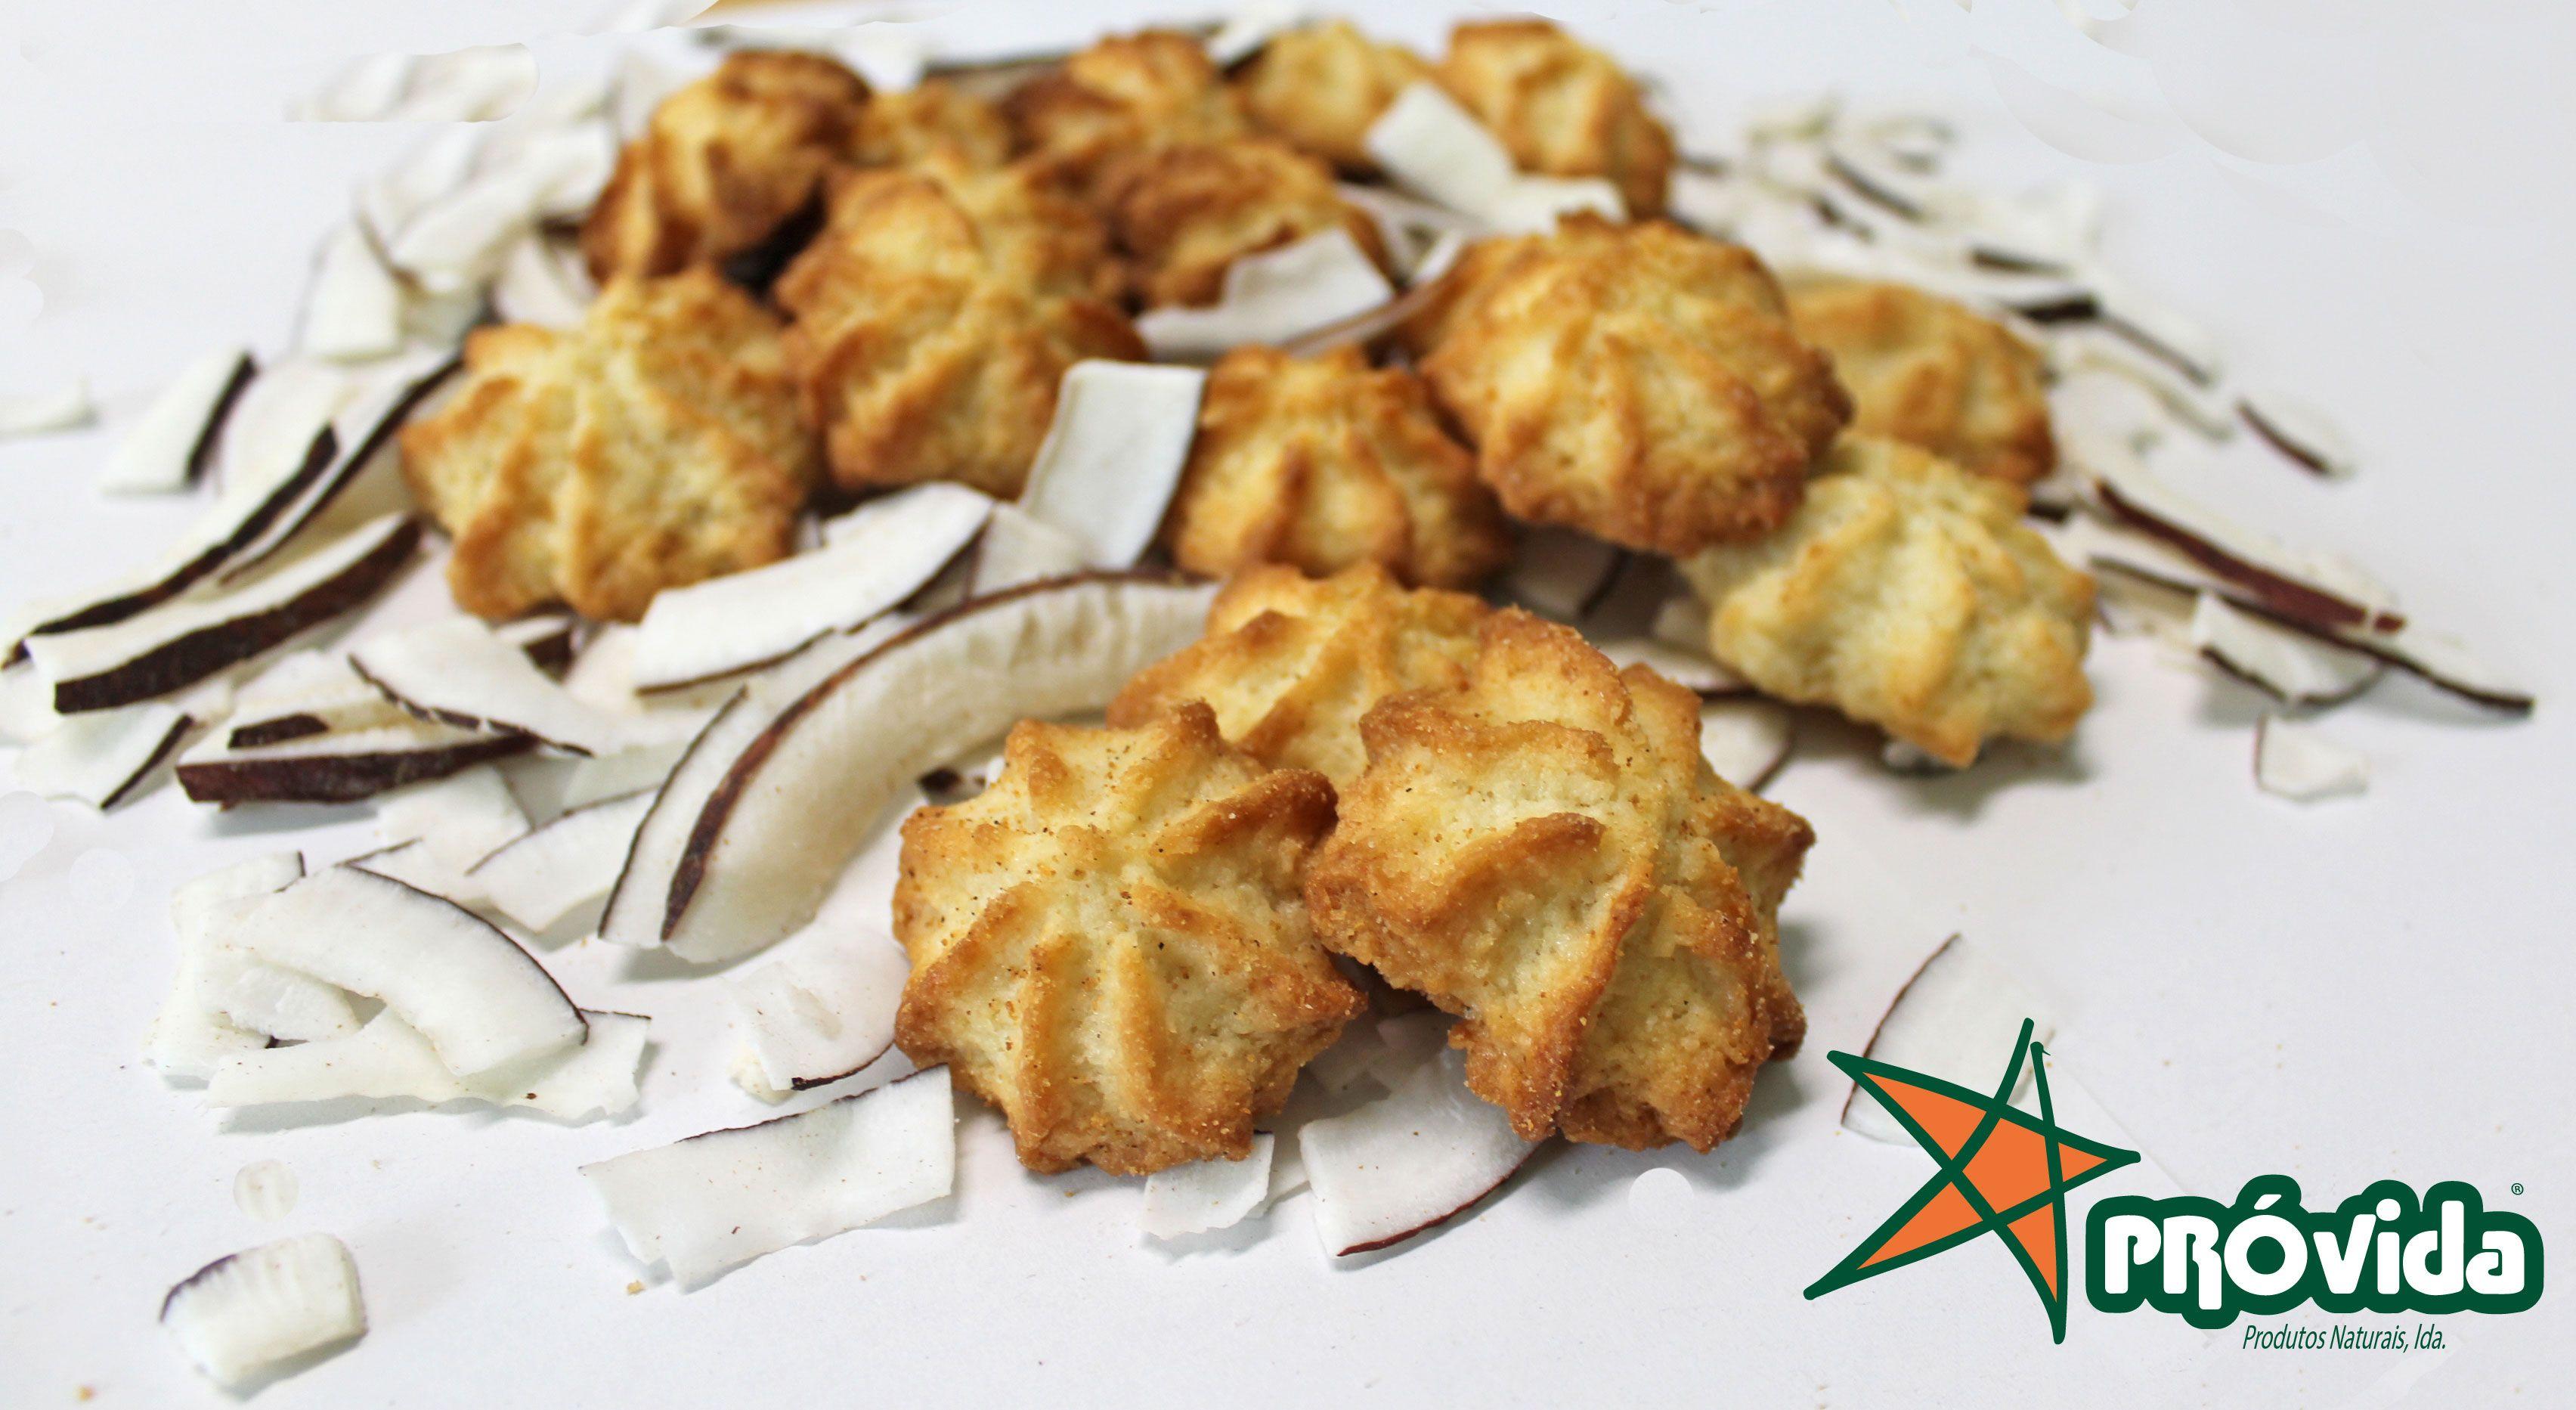 Biscoitos de Coco Saudável & Biológico